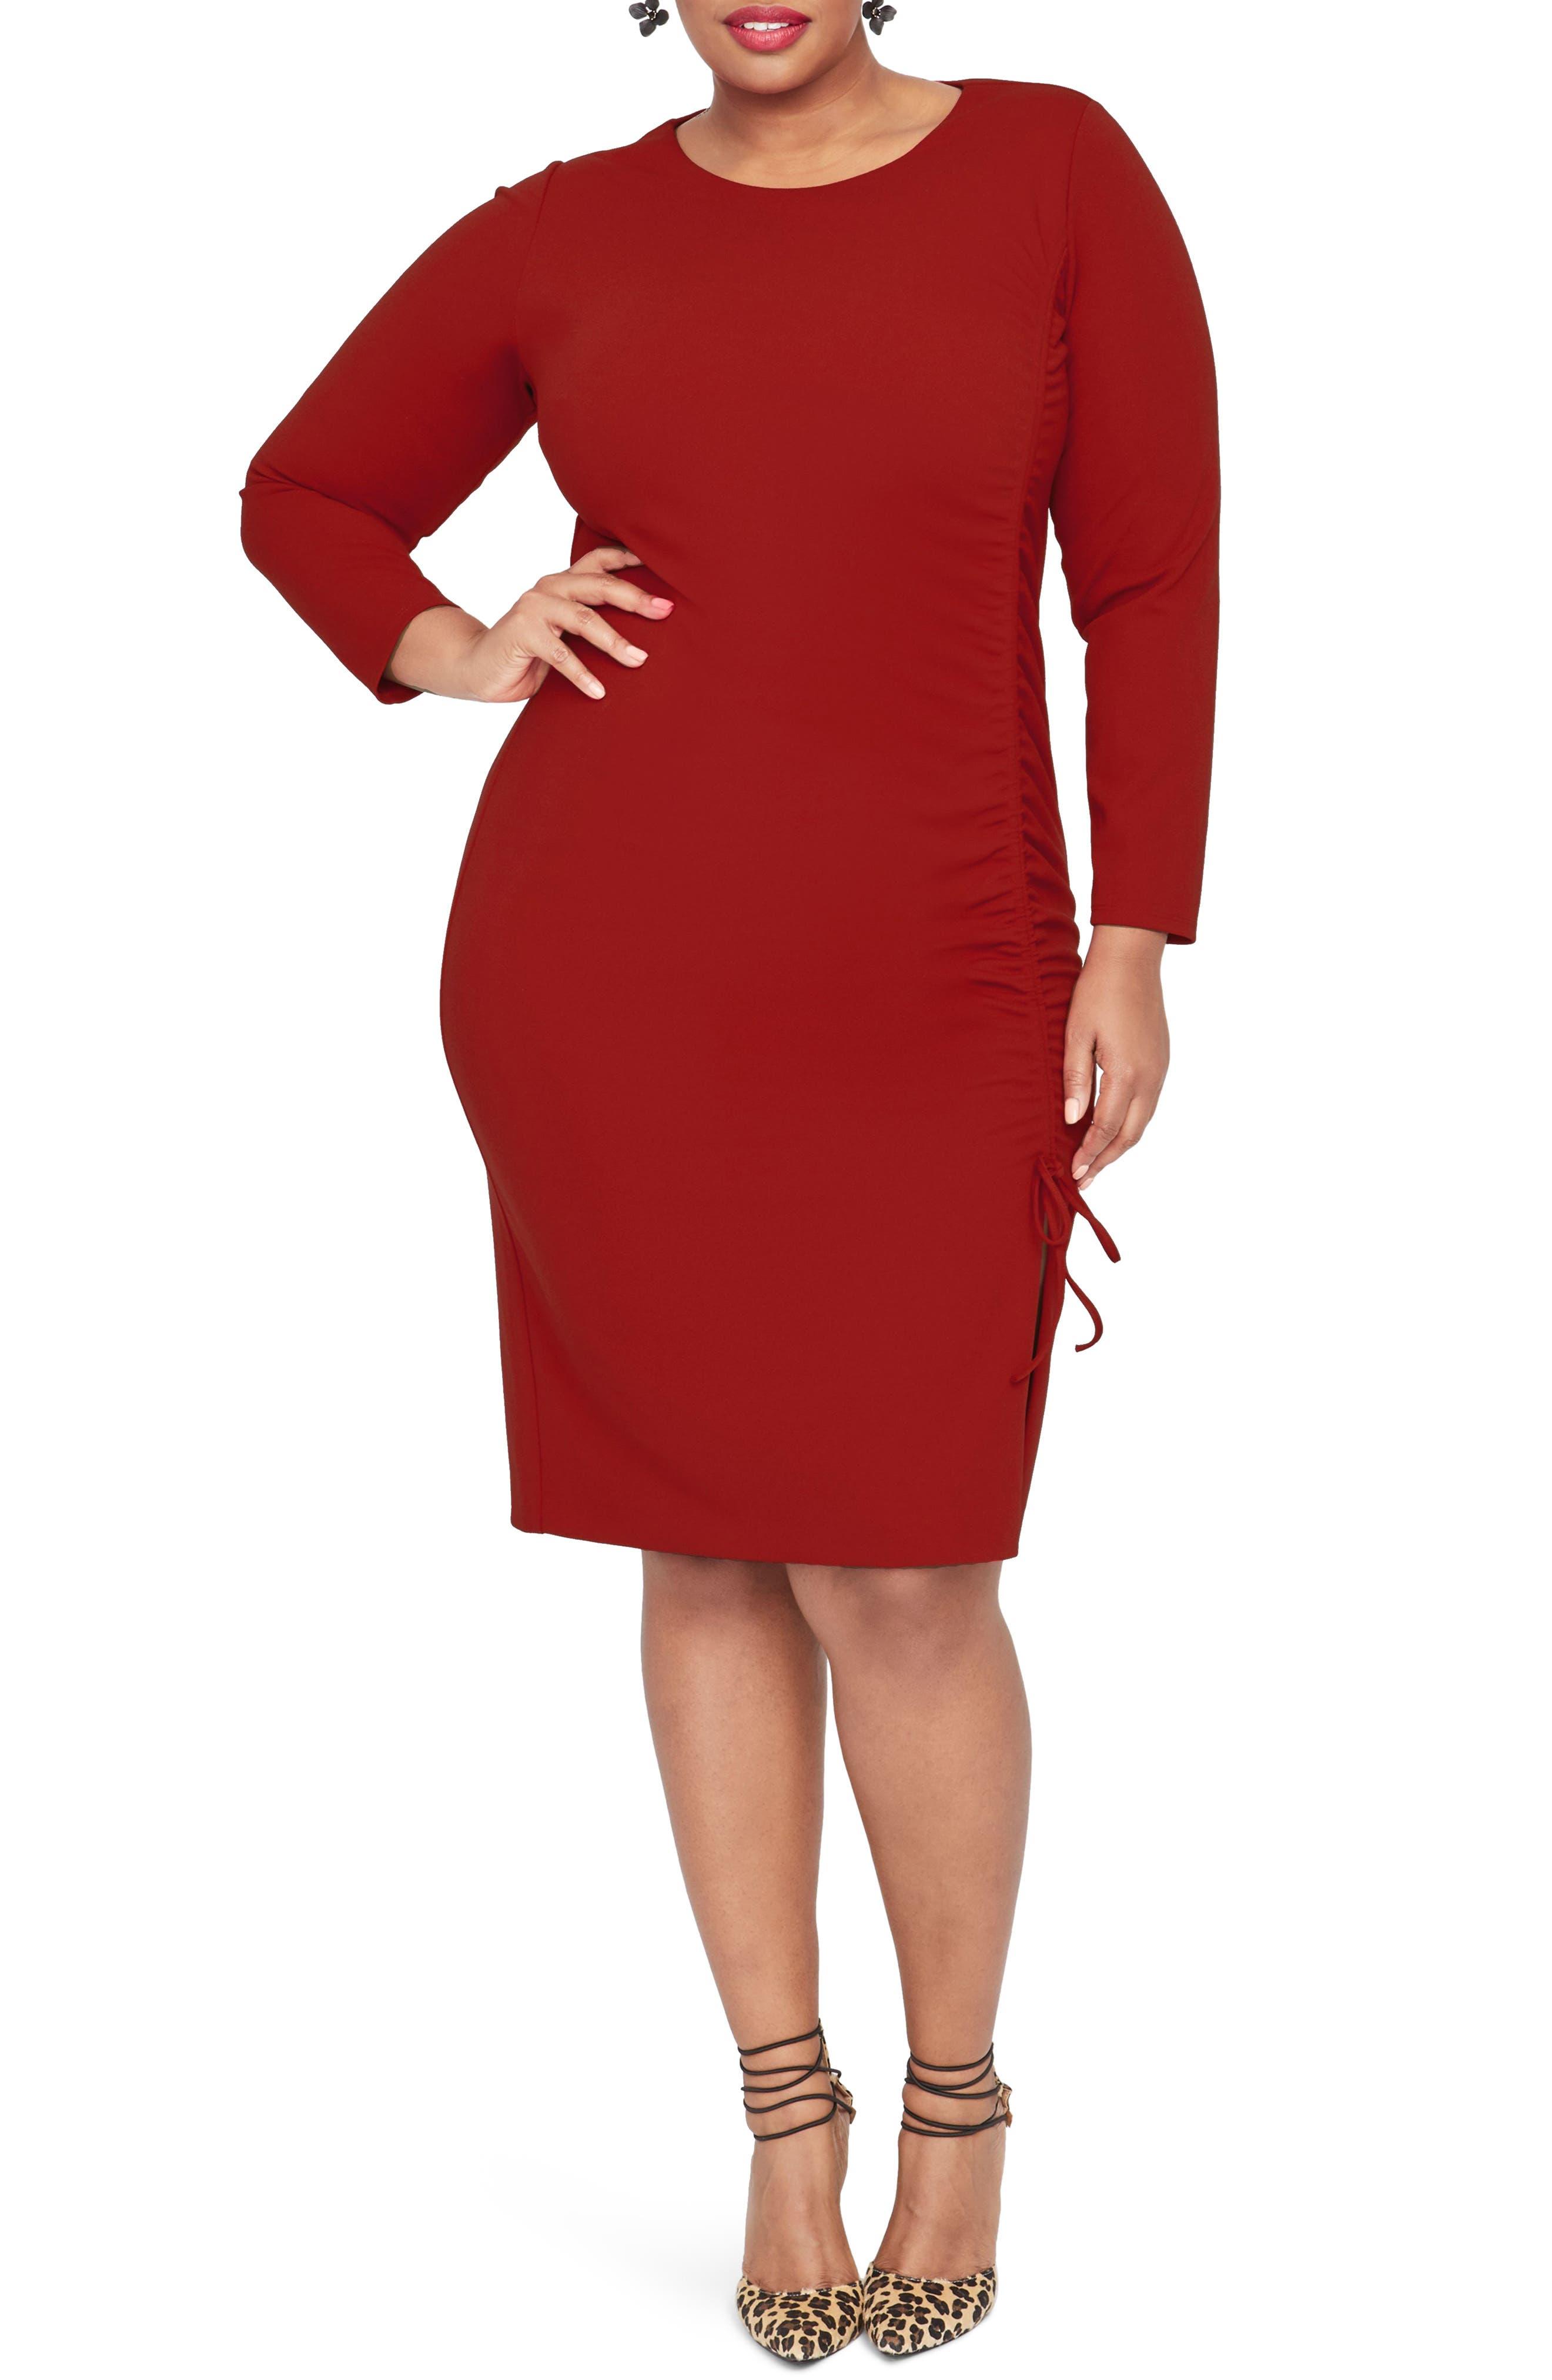 Plus Size Rachel Rachel Roy Elly Sheath Dress